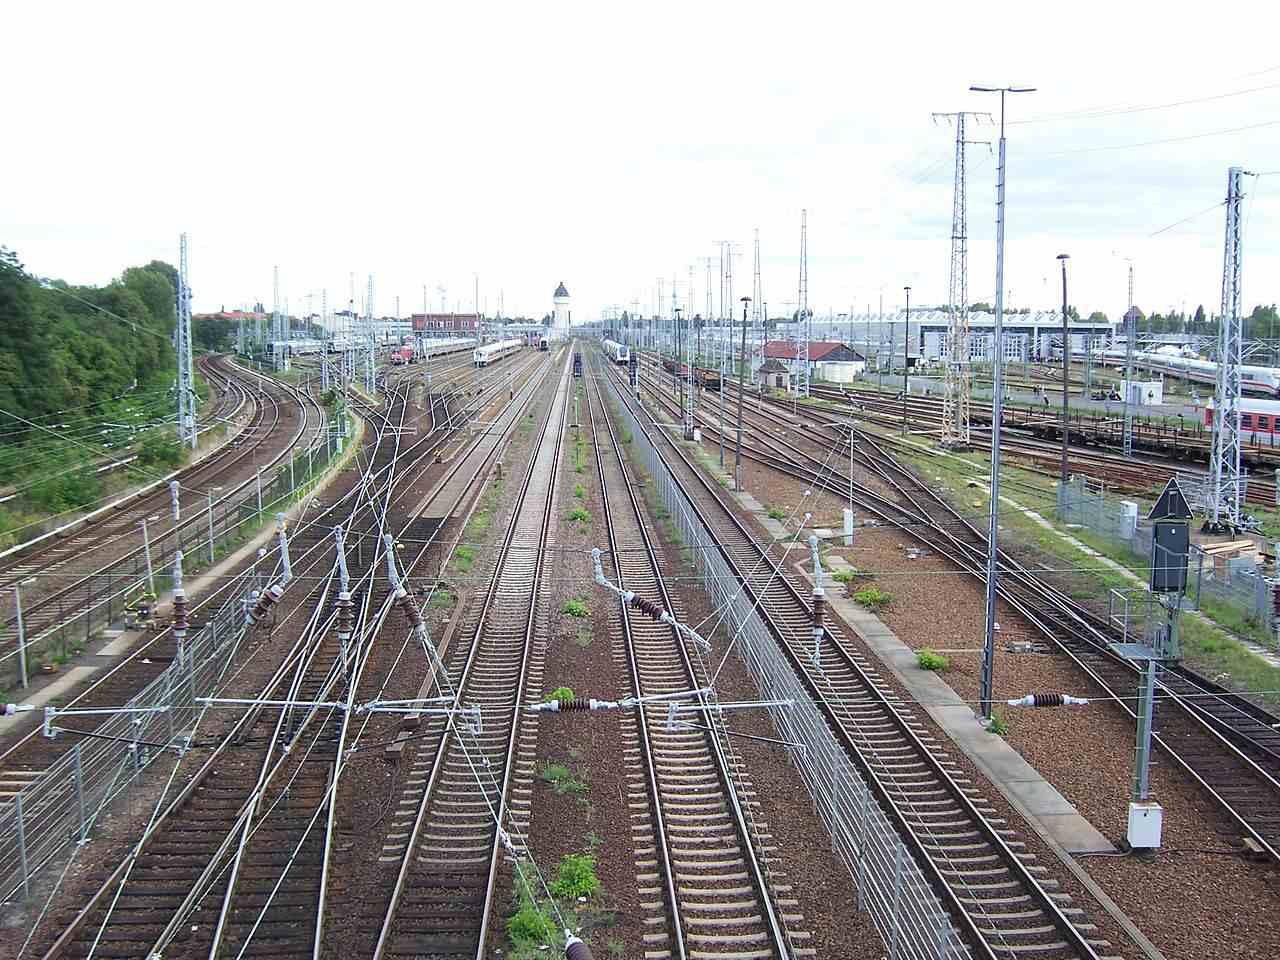 Berlin-Rummelsburg Betriebsbahnhof in Lichtenberg